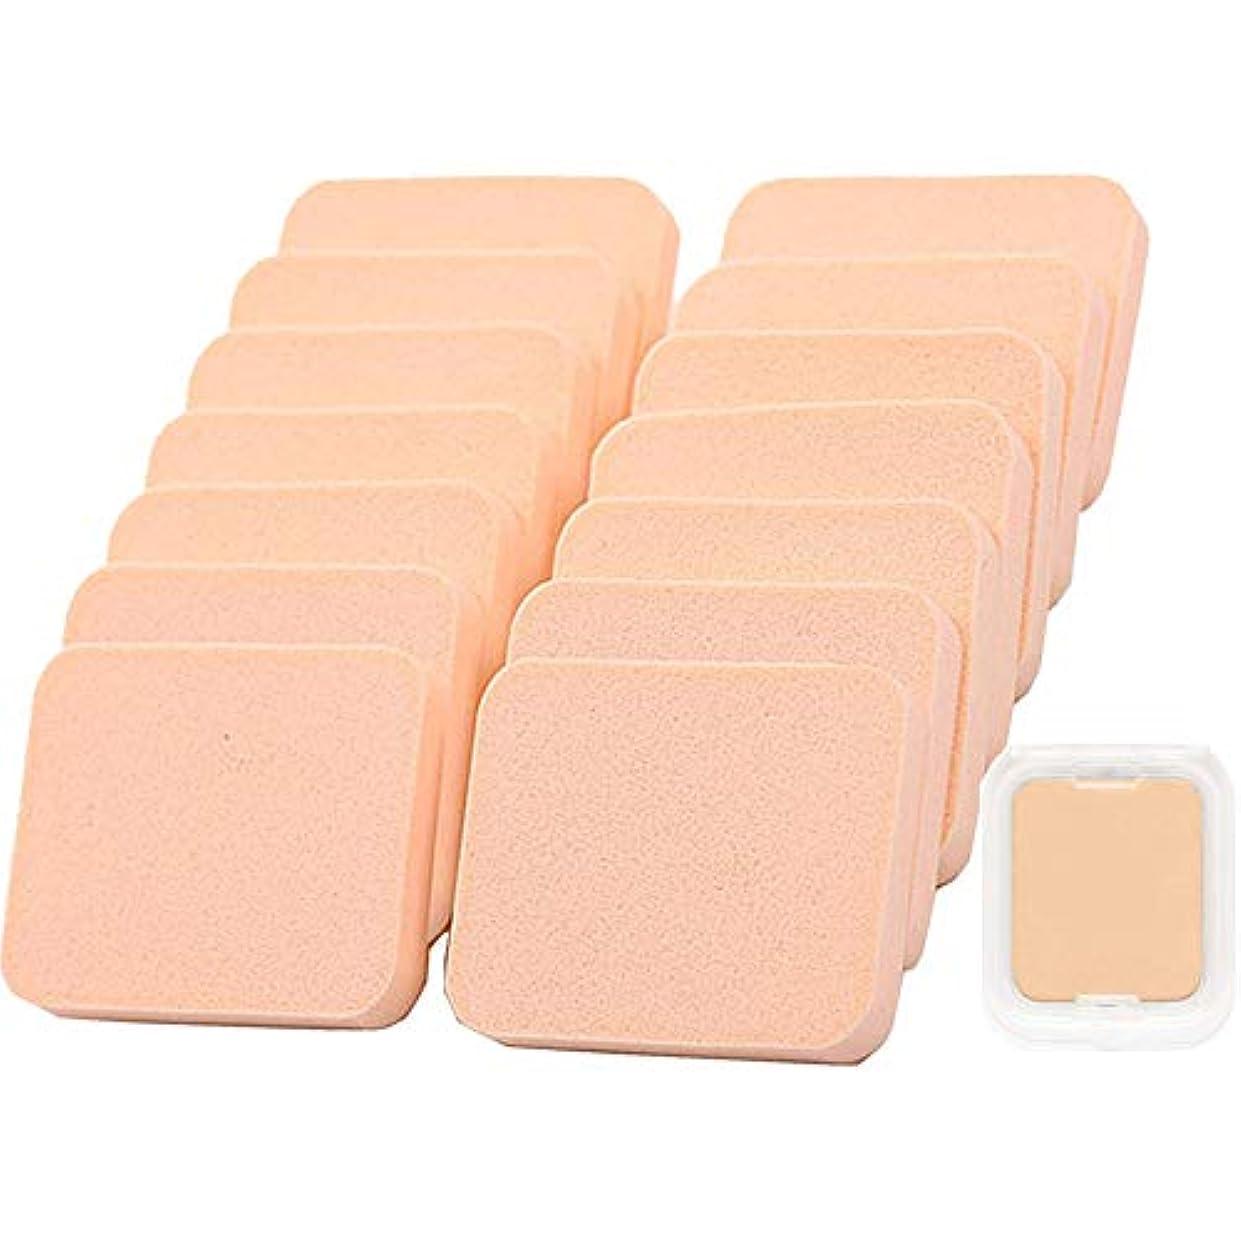 パース怒って陰気エアパフ Butokal エアクッションパフ クリーム アプリケーター 乾湿兼用 スポンジパフセット フェイシャル 15個入 化粧道具